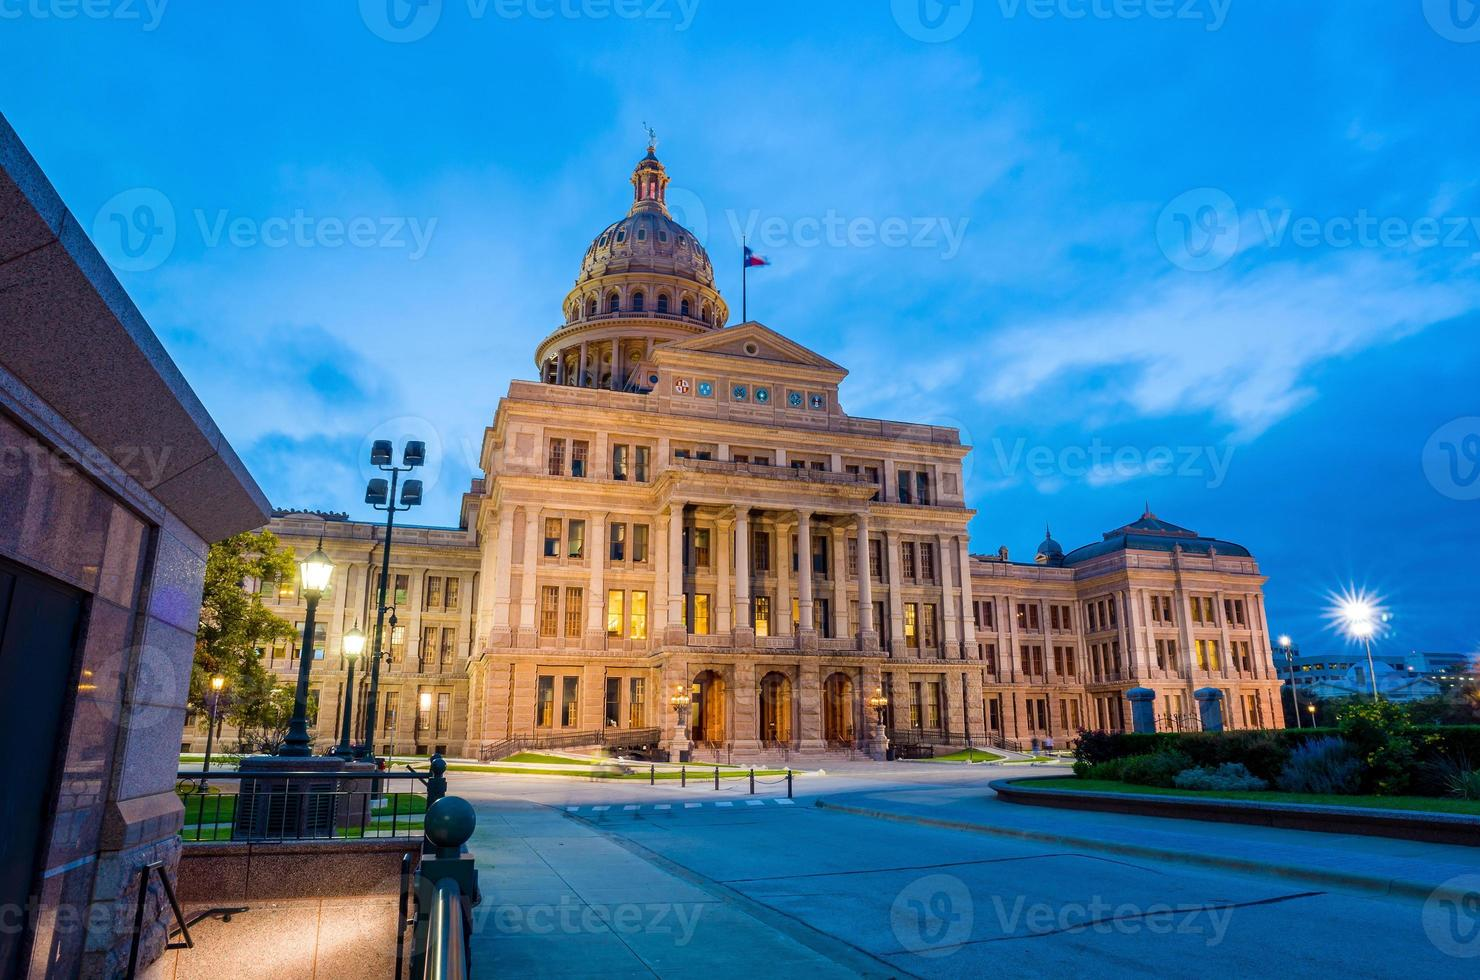 Texas State Capitol Gebäude in Austin, TX. in der Dämmerung foto